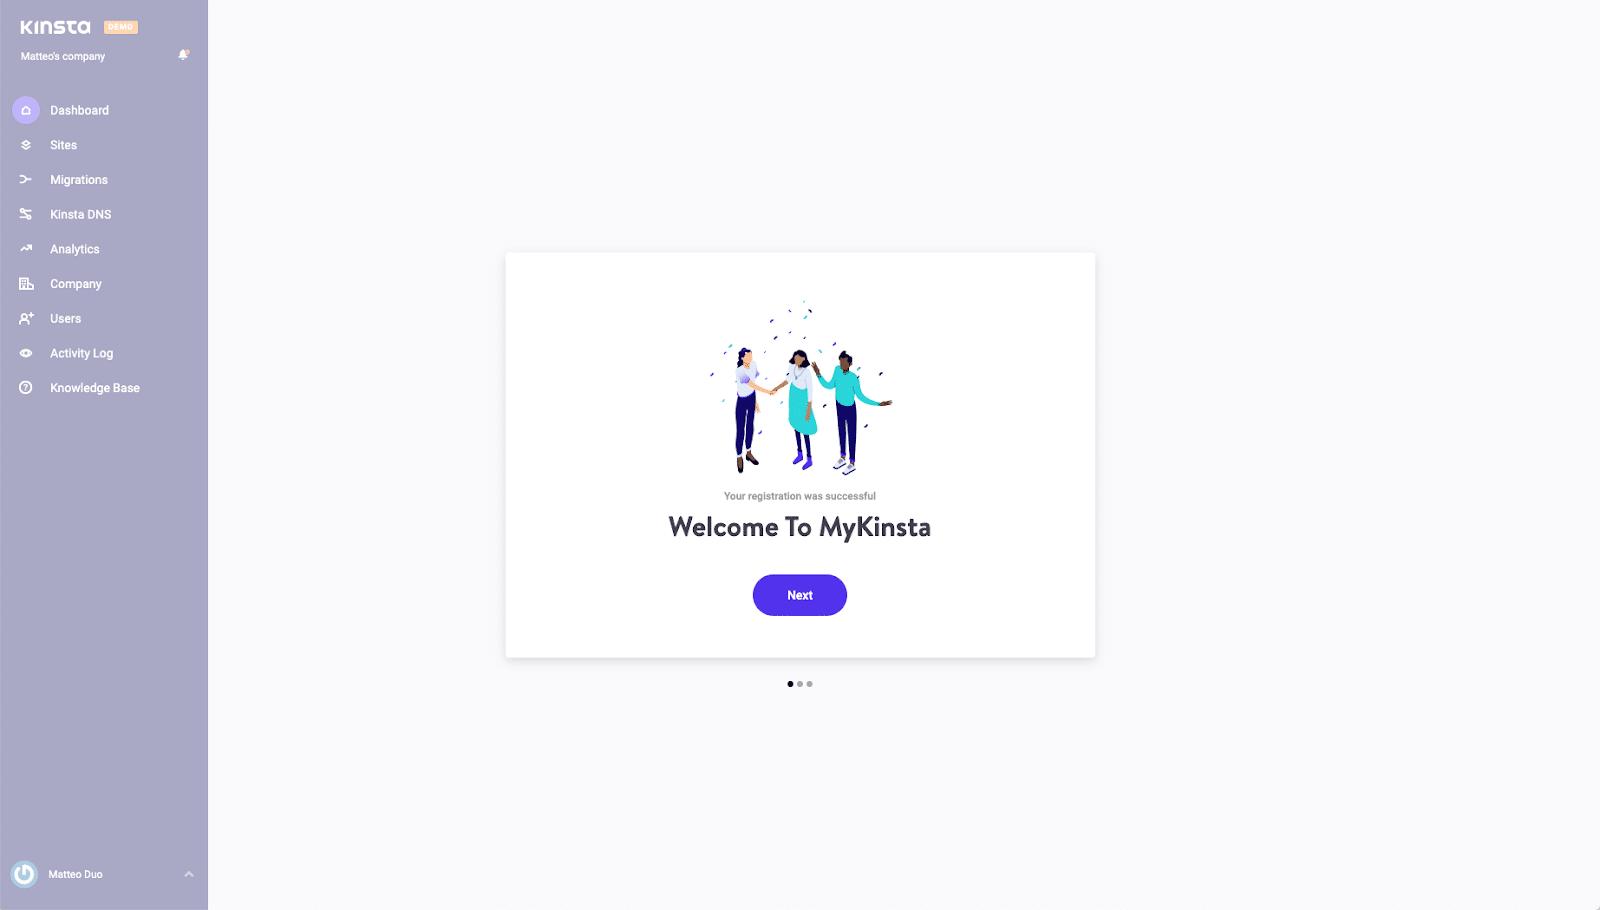 Demokonto skapat för MyKinsta